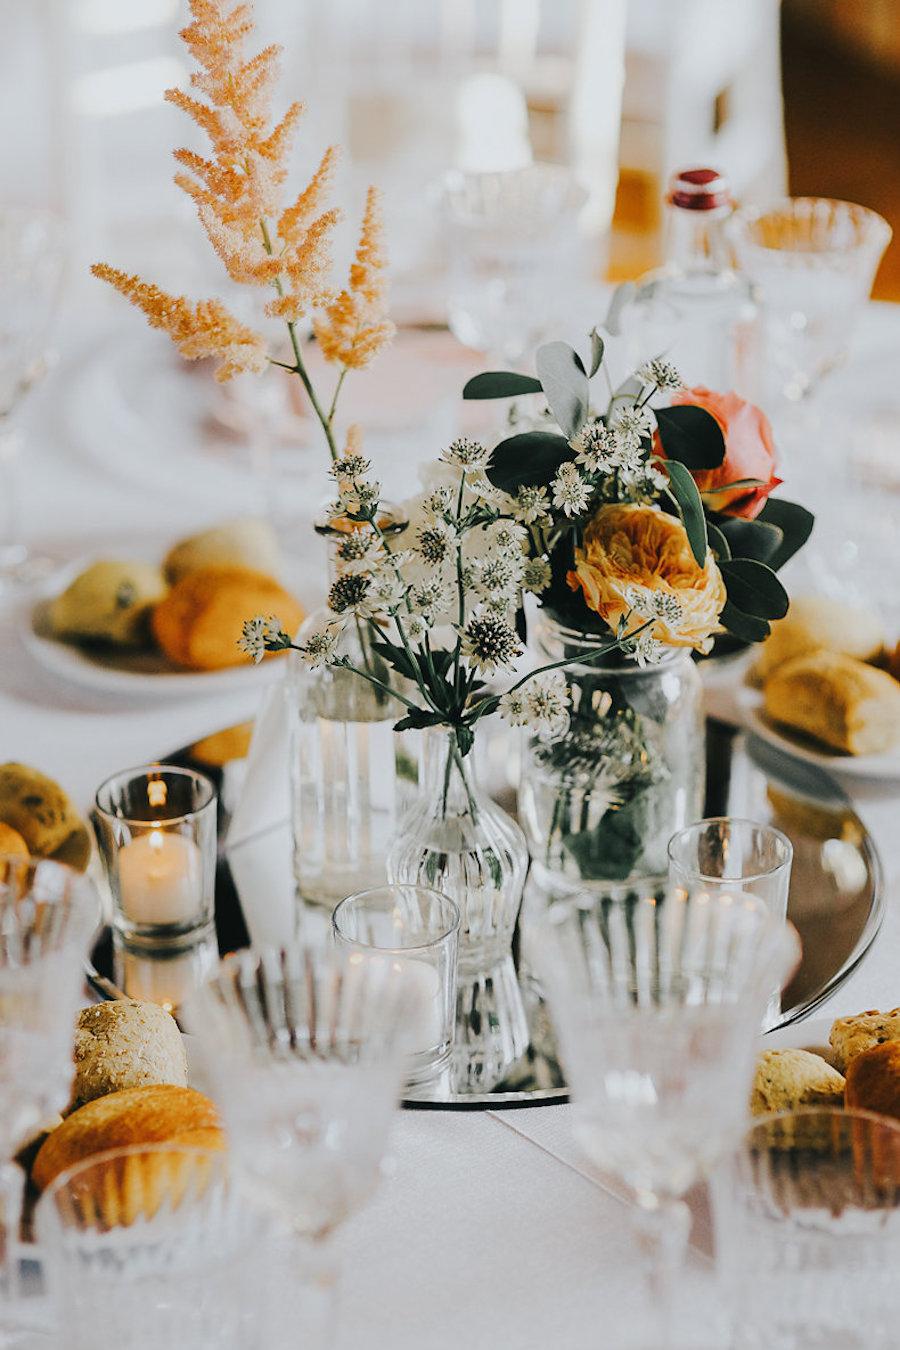 centrotavola con fiori bianchi e arancioni